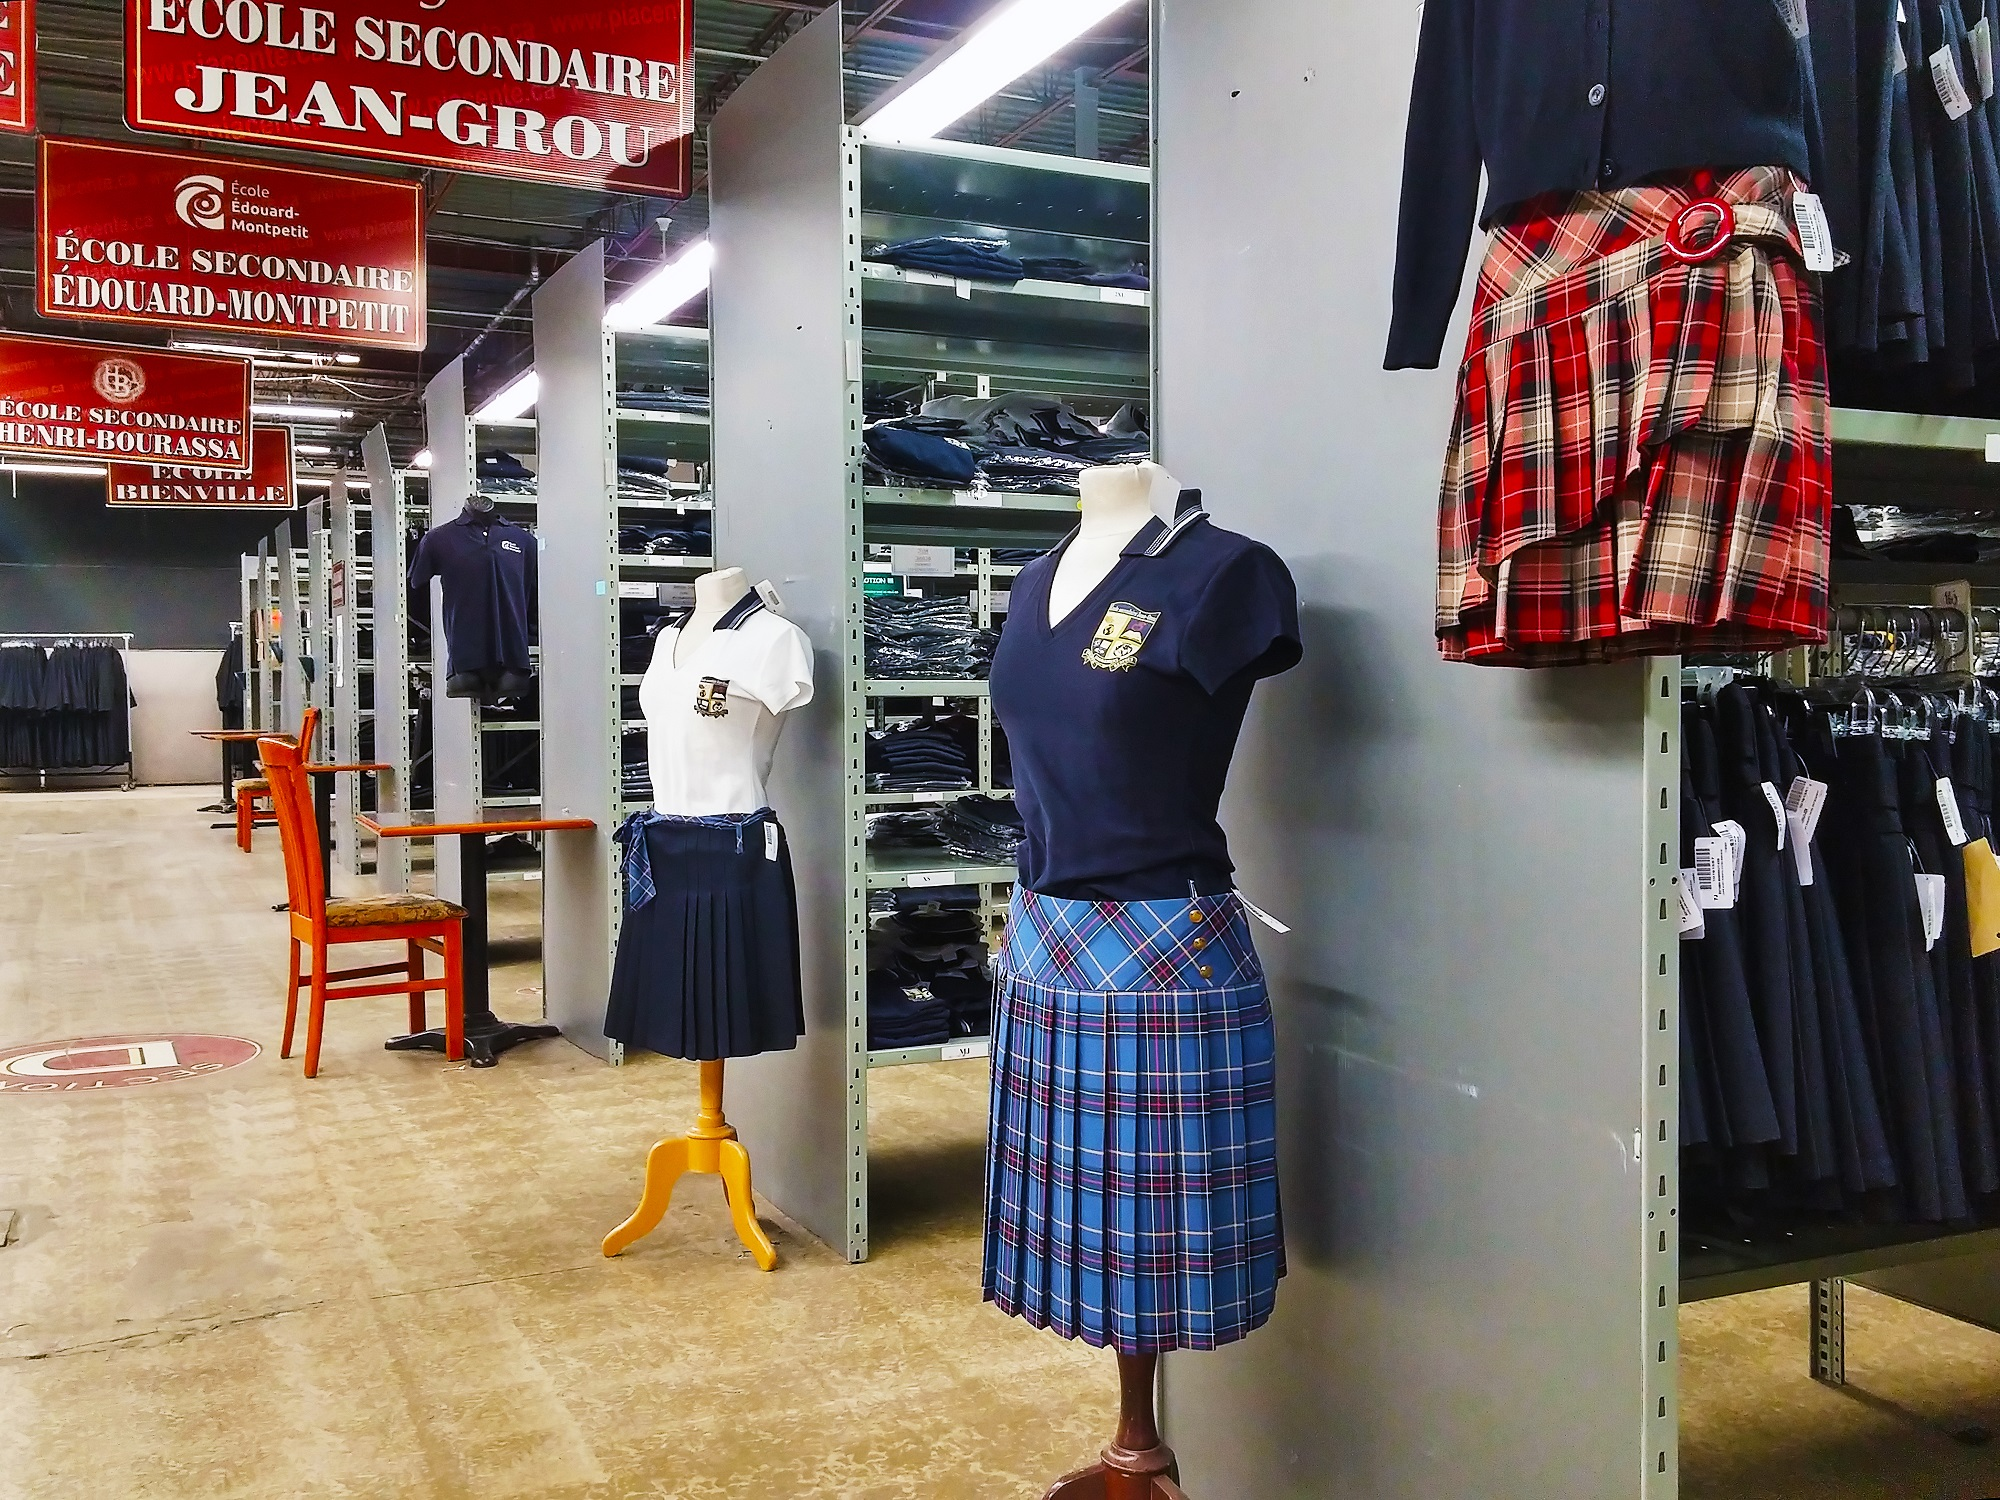 有些女學生質疑為什麼她們被規定一定要穿蘇格蘭短褶裙上學,表示這項規定不僅早已過時,更強化了既定的性別刻板印象。(圖片來源:Wikipedi